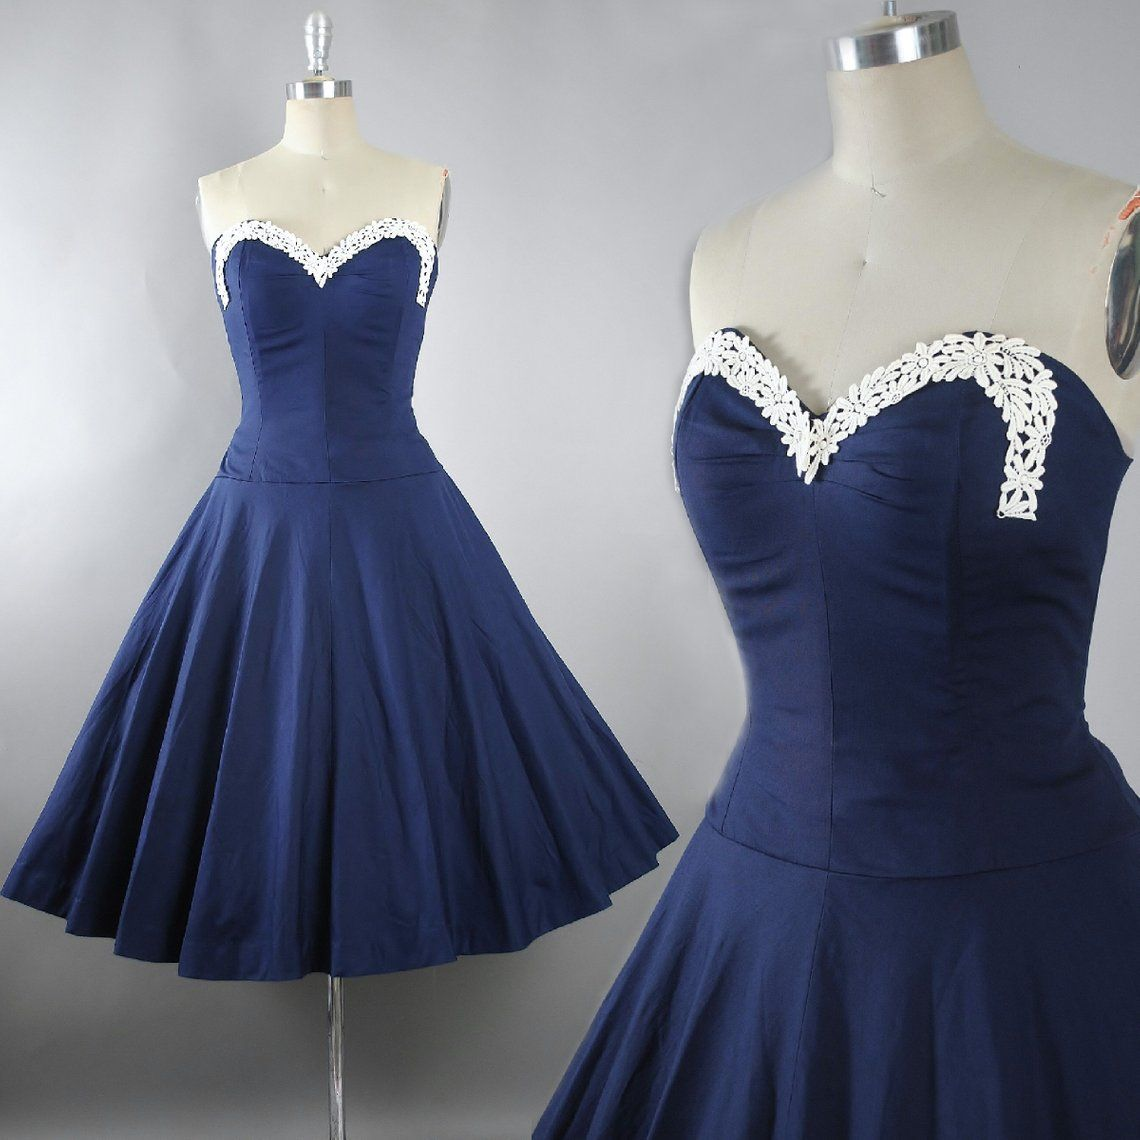 Vintage 1950s Dress / 50s Cotton Sundress NAVY Blue